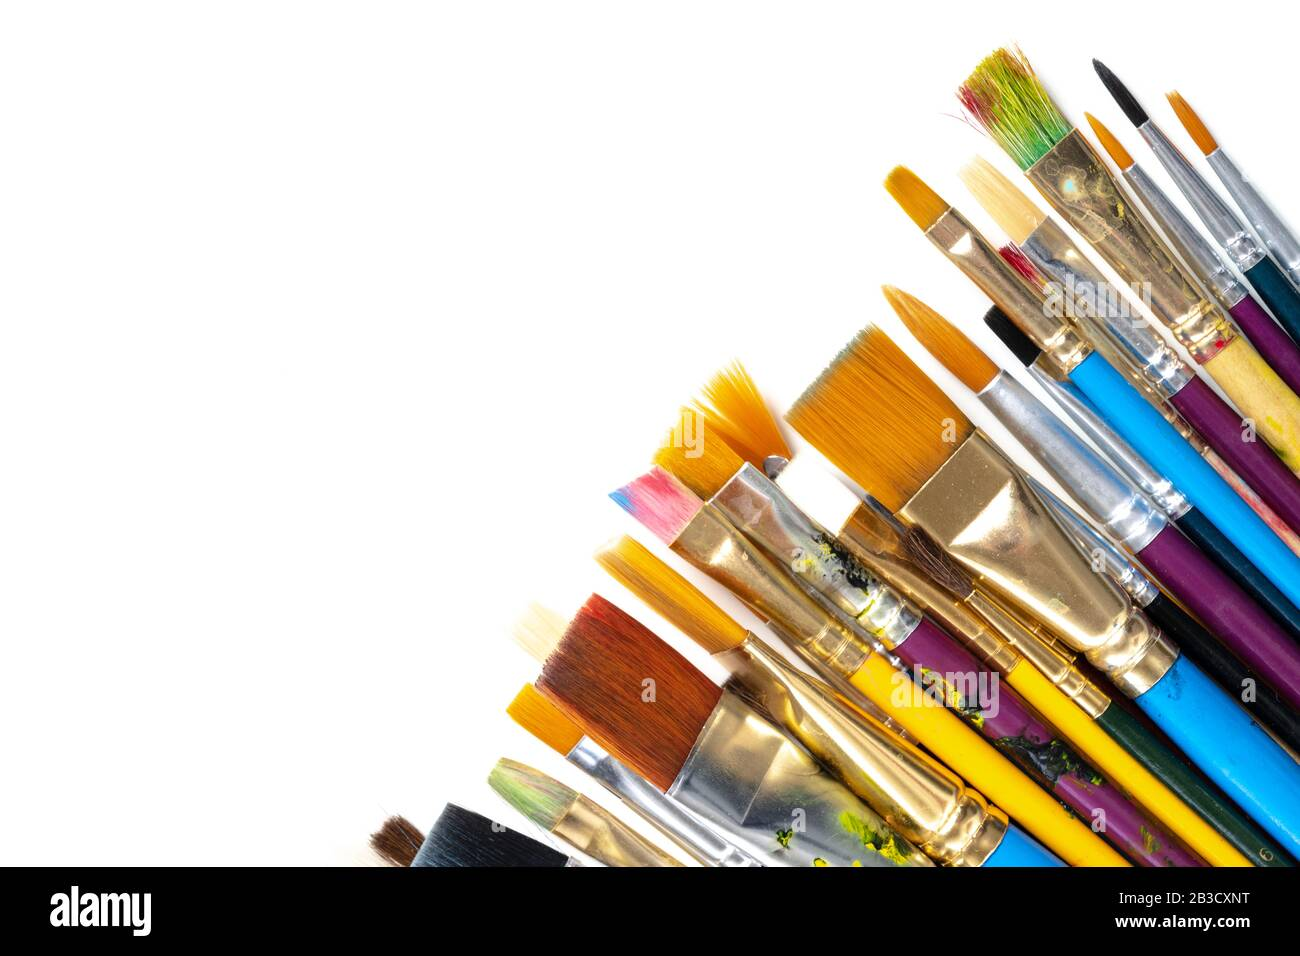 Une collection d'artistes peignent des pinceaux sur un fond blanc Banque D'Images